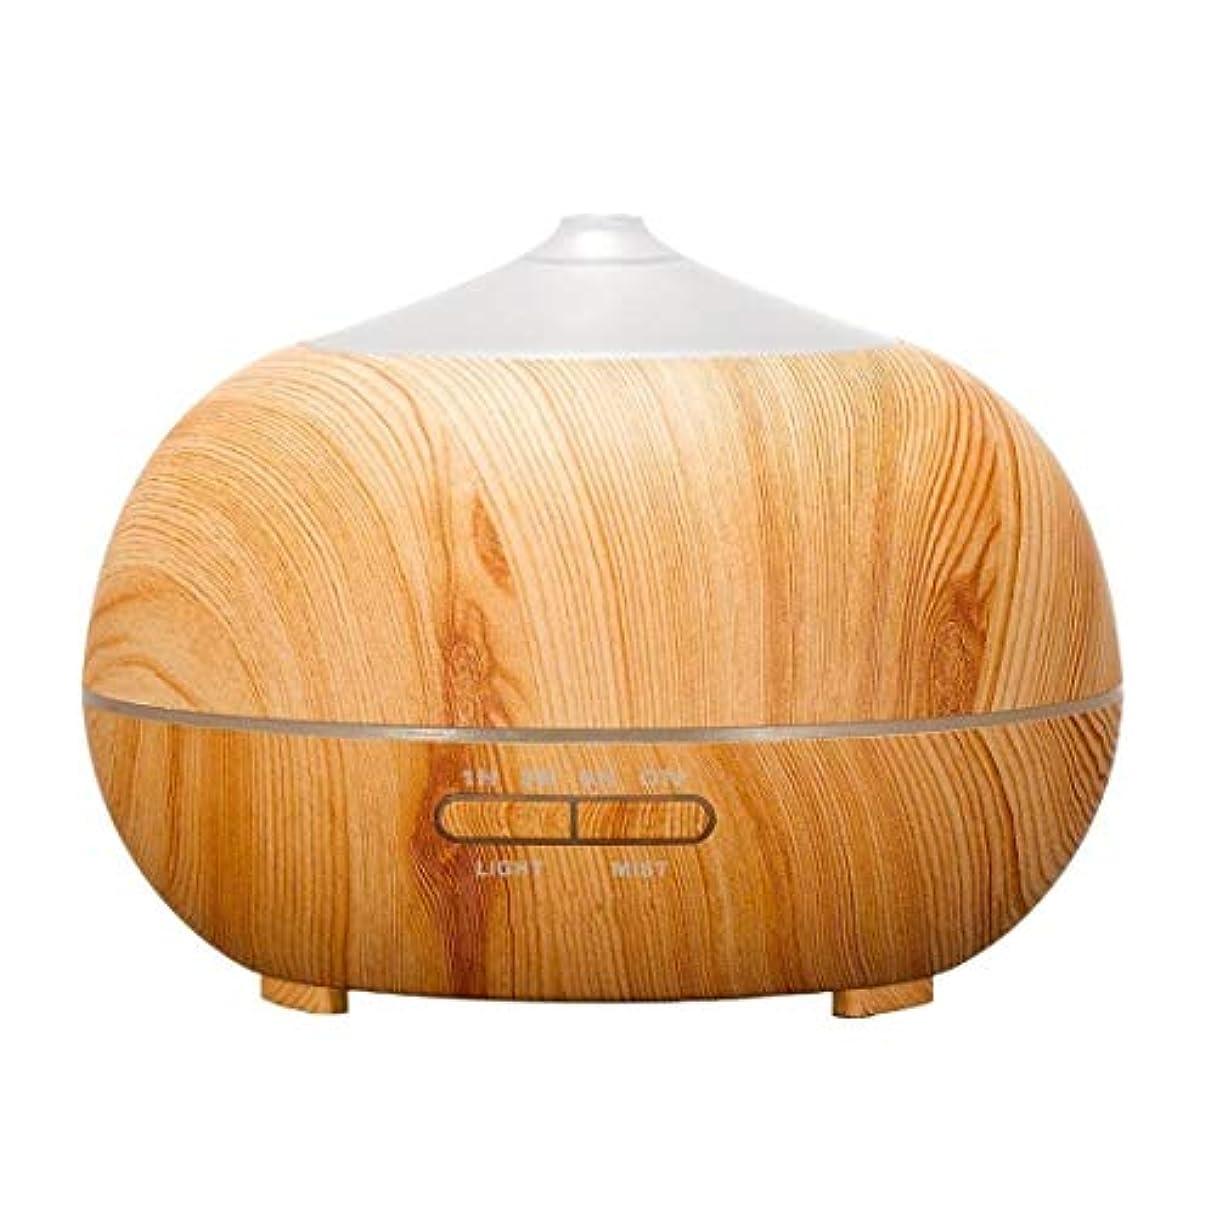 従うプレフィックス飢オフィスホームベッドルーム用超音波空気加湿器-アロマディフューザー-エッセンシャルオイルディフューザー-快適に眠り、職場を簡単に制御できる超静音